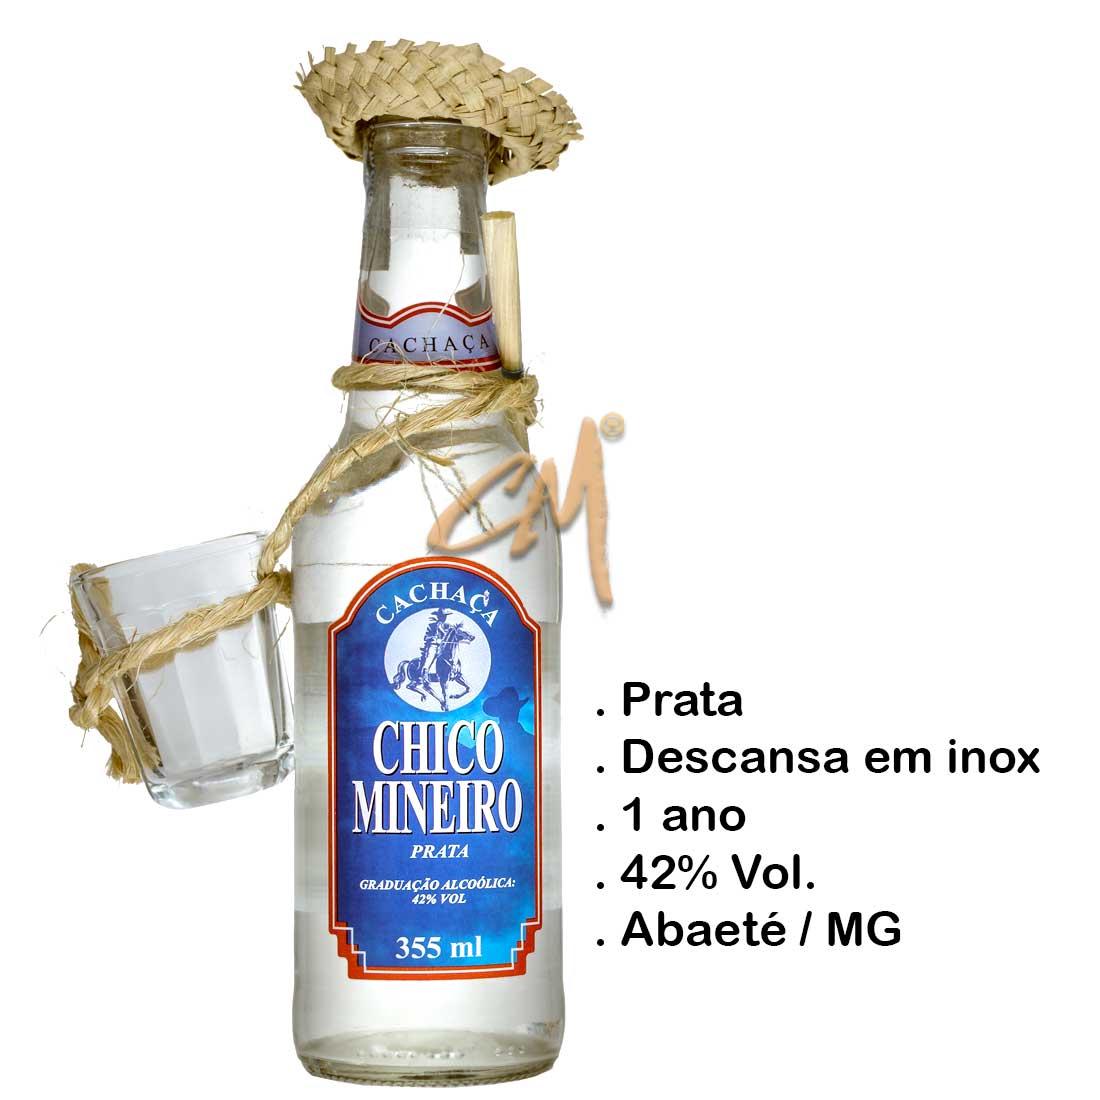 Cachaça Chico Mineiro Prata 355 ml - Kit Caipira (Abaeté - MG)